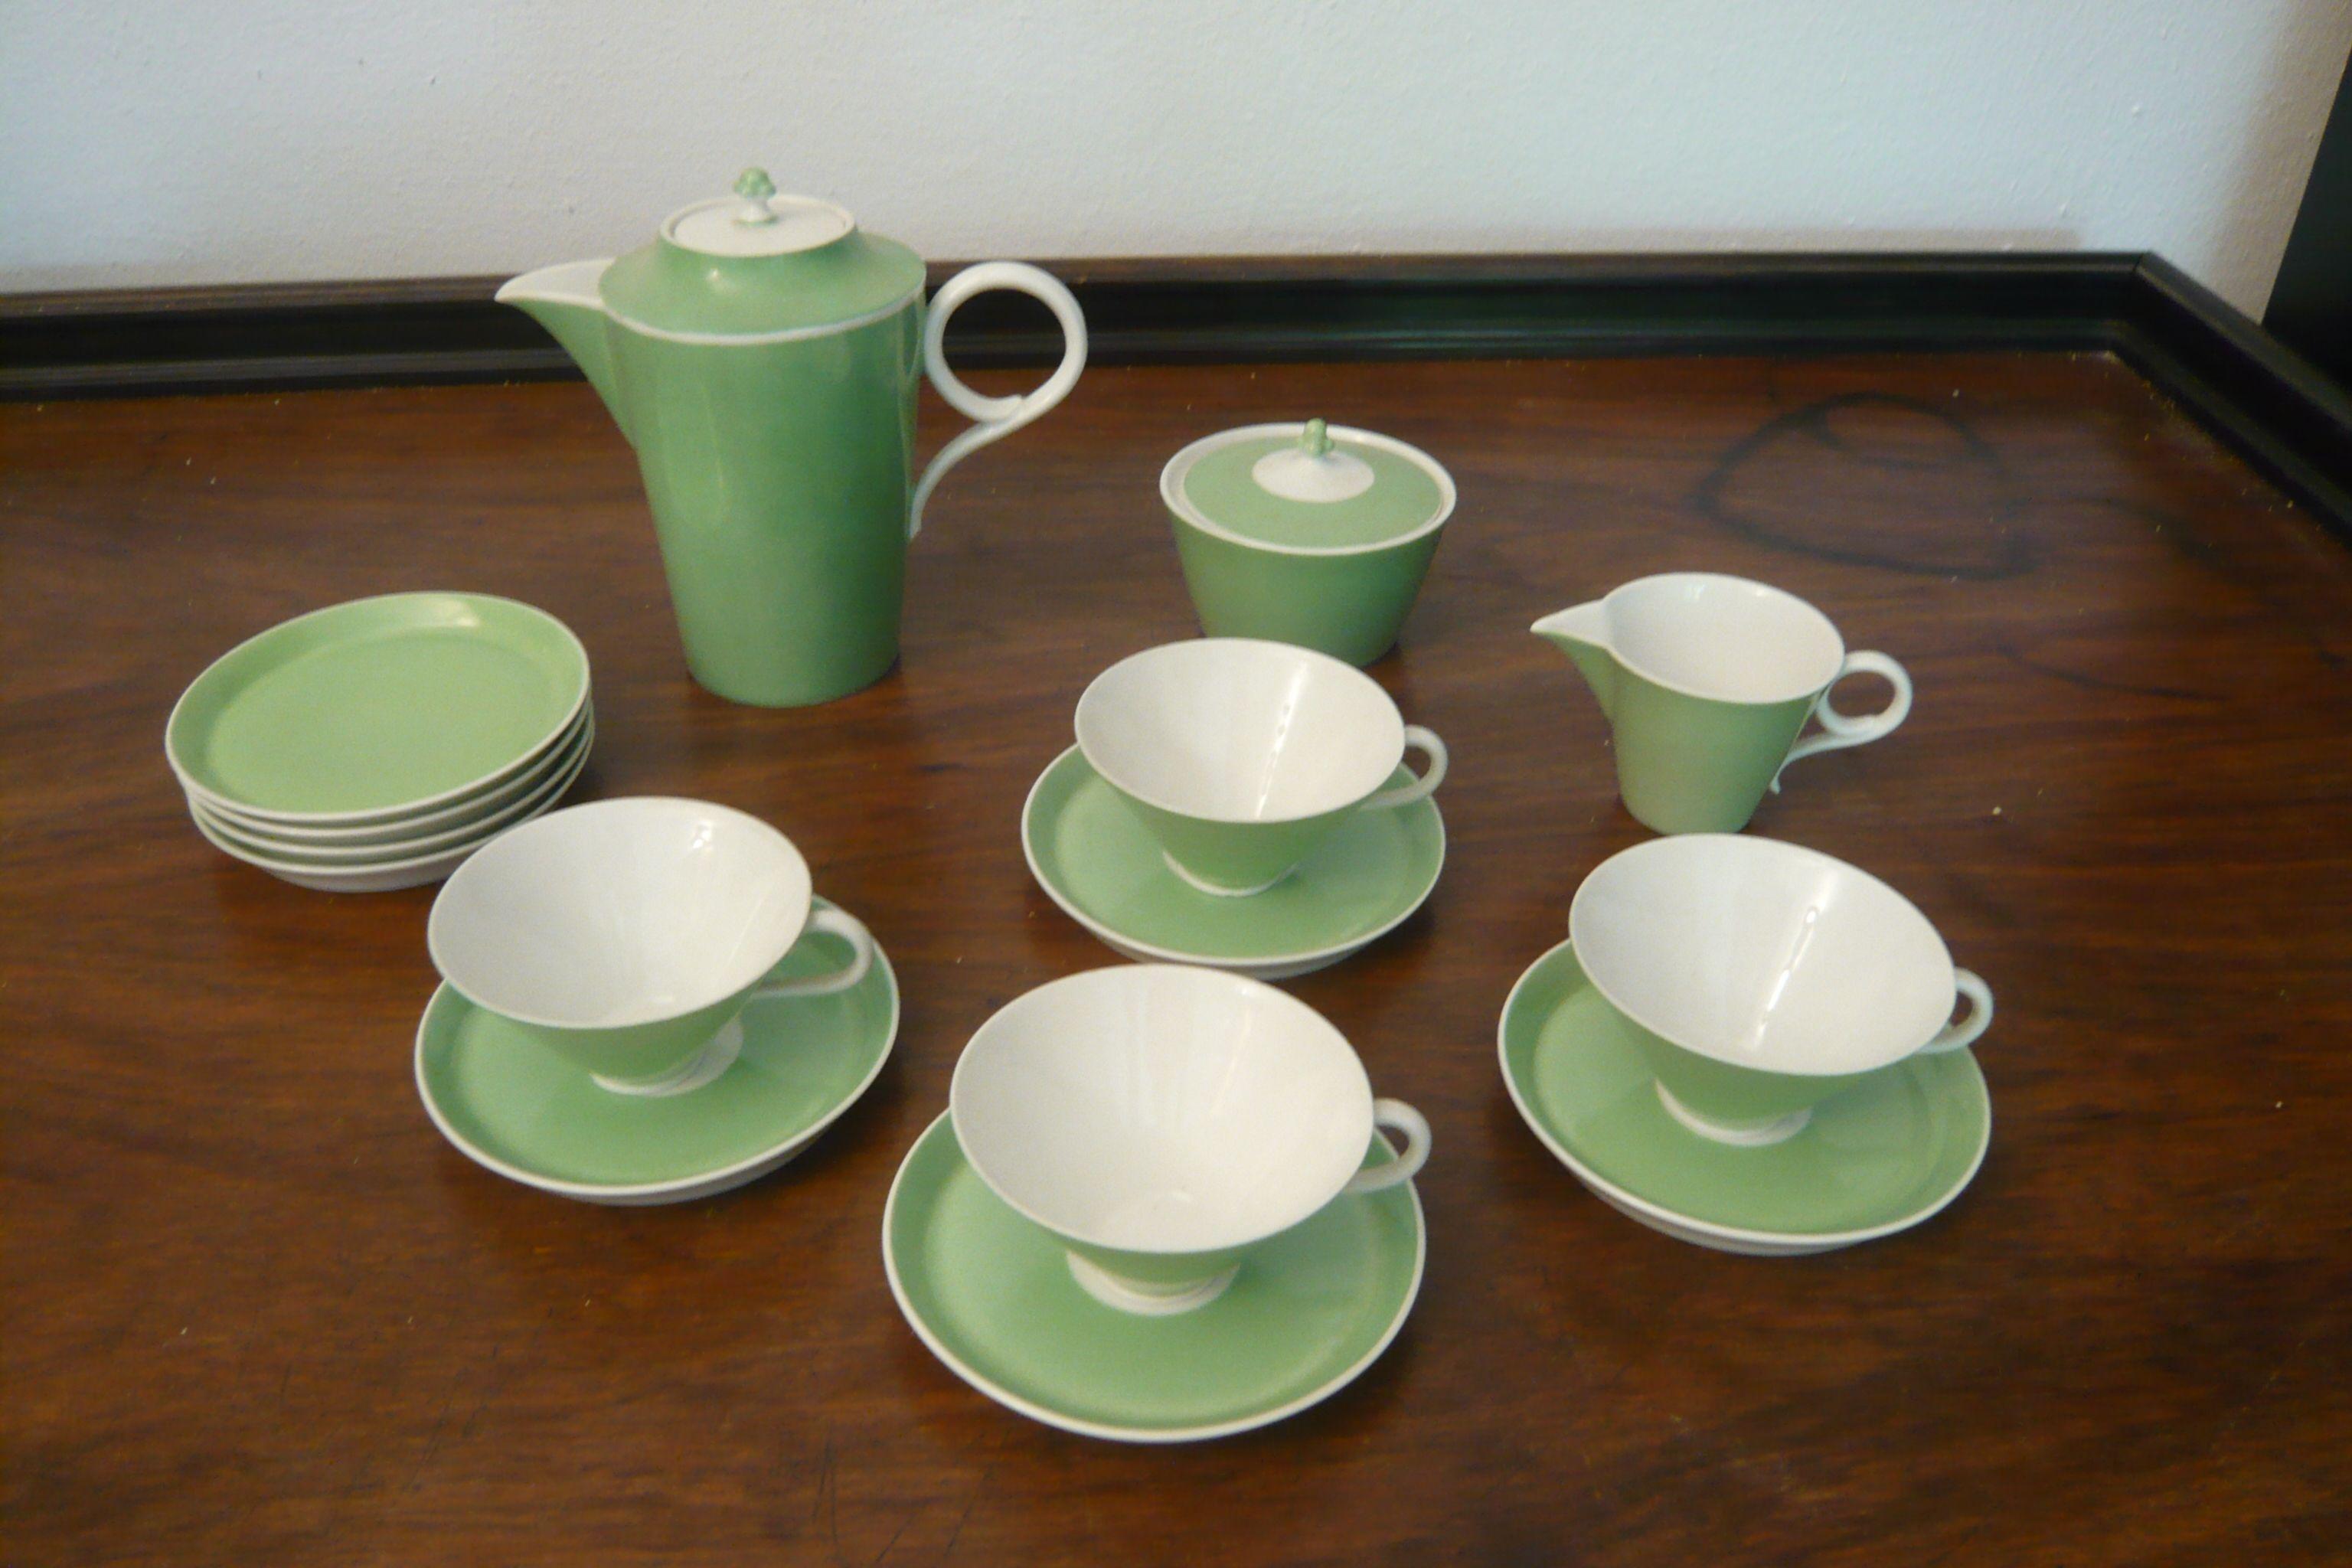 alle tassen im schrank porzellan und keramik seite 2. Black Bedroom Furniture Sets. Home Design Ideas